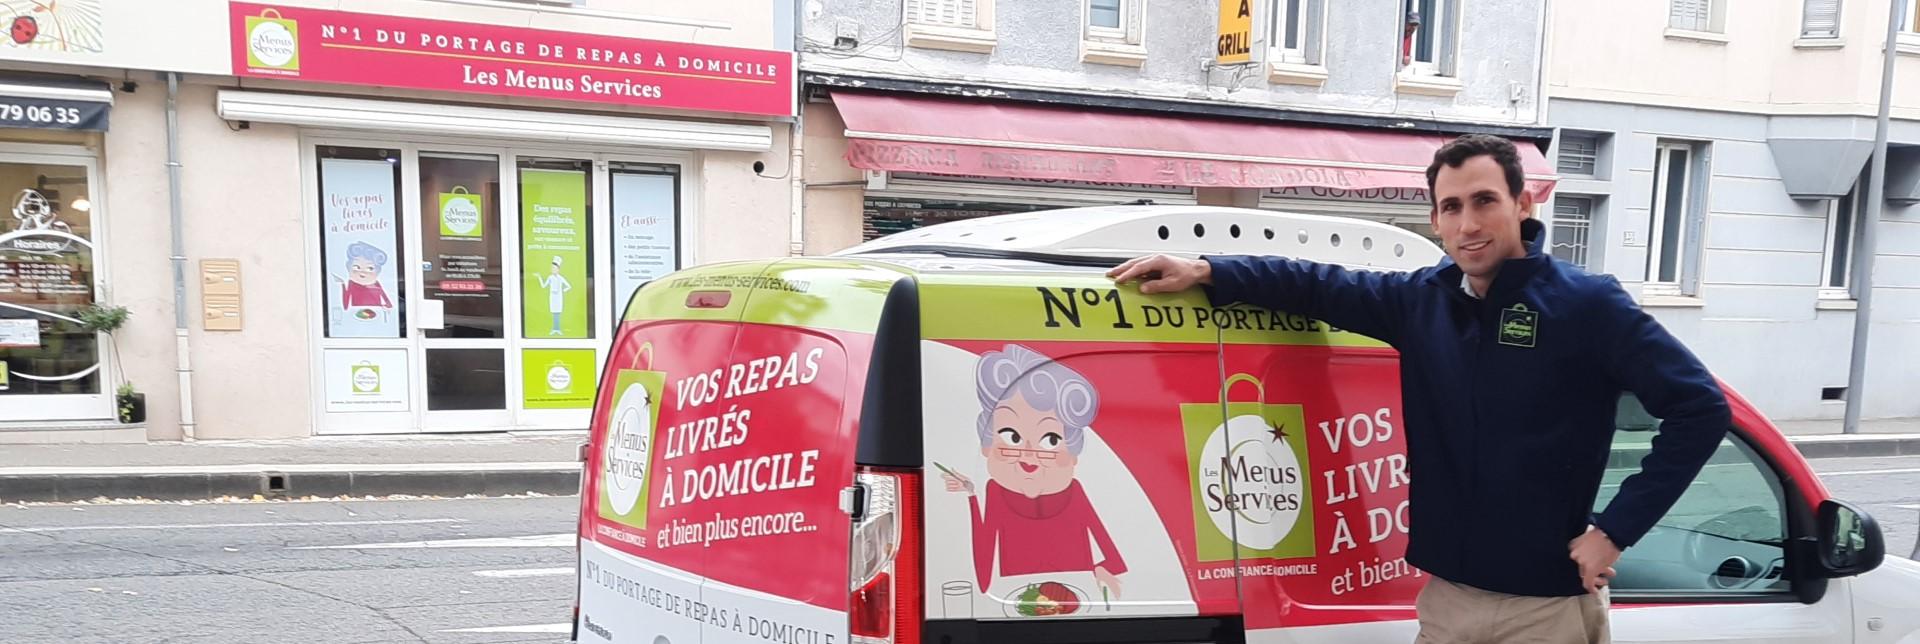 Franchisé Les Menus Services